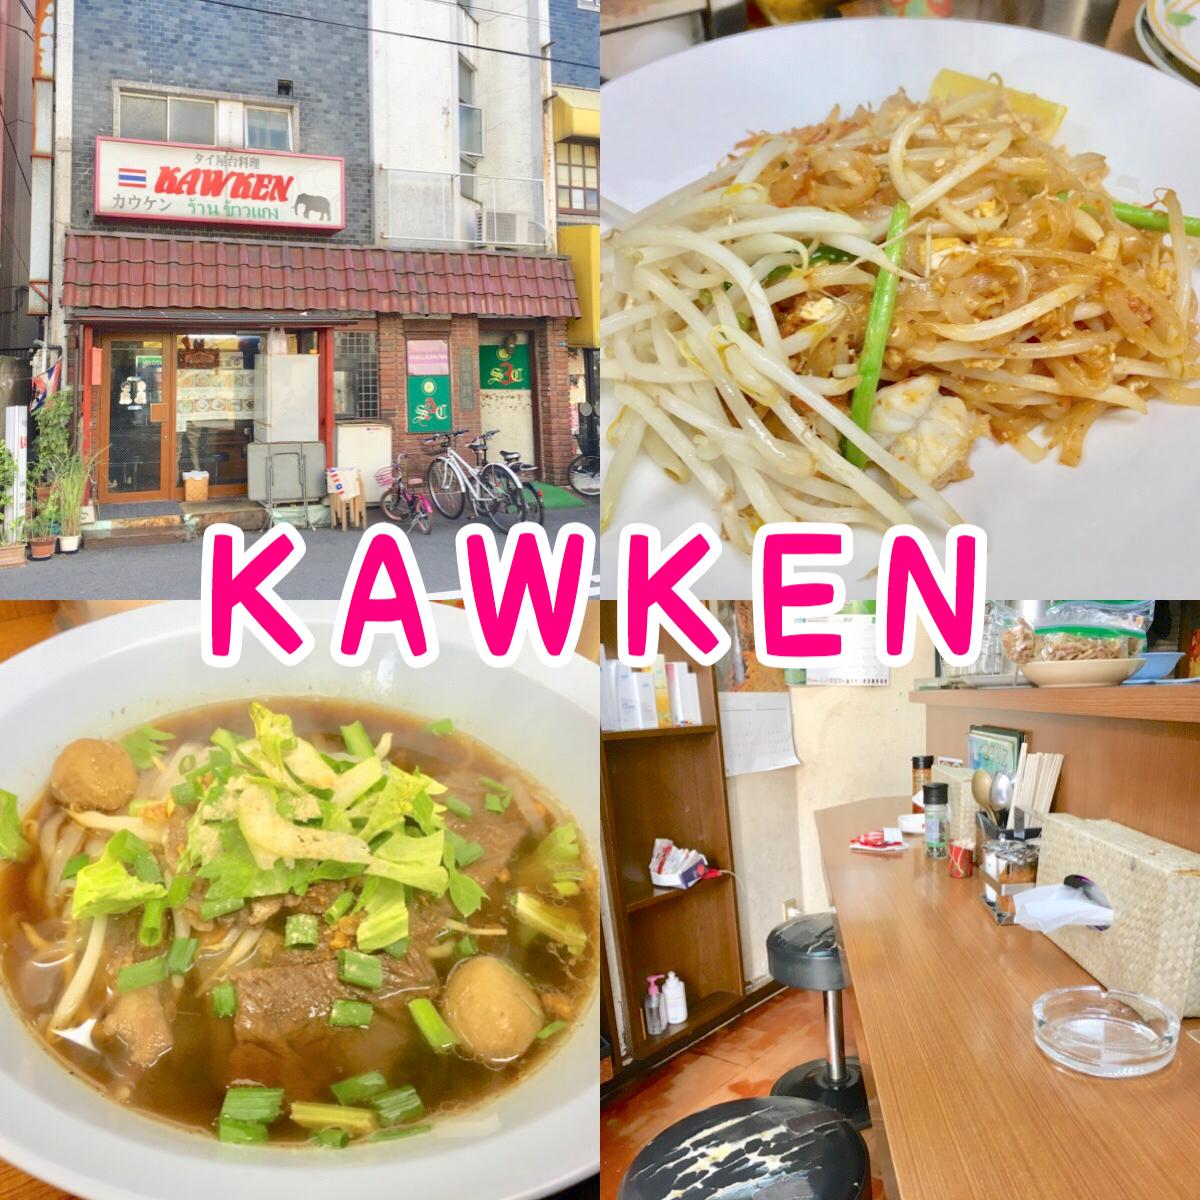 【カウケン】西川口駅近くで本格タイ料理を食べるならここ!